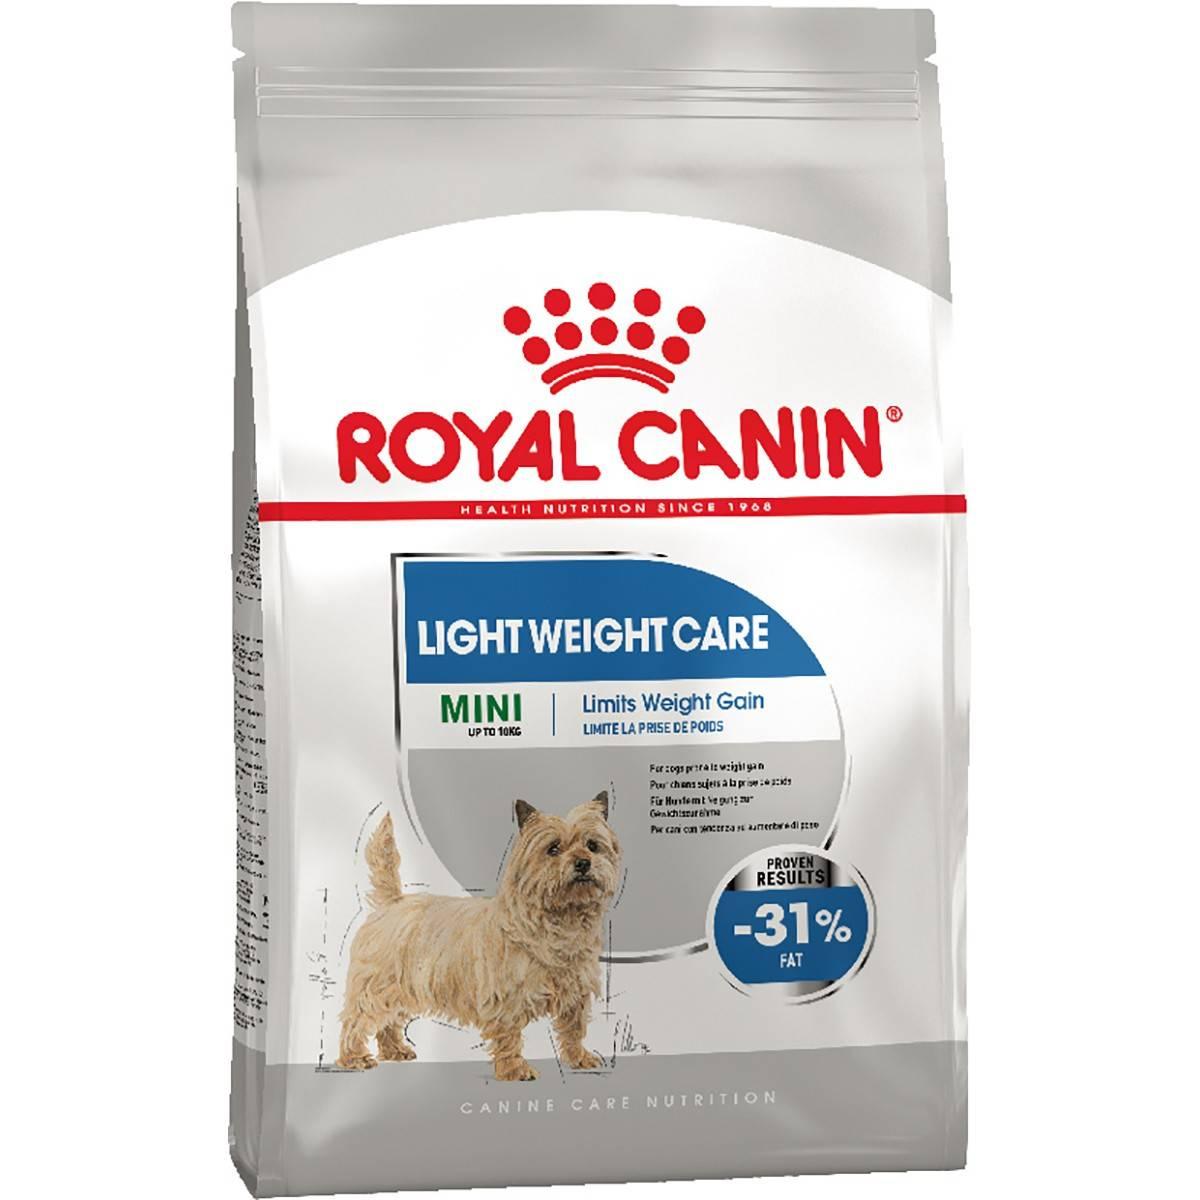 ROYAL CANIN MINI LIGHT WEIGHT CARE – сухой корм для собак мелких пород, склонных к набору избыточного веса